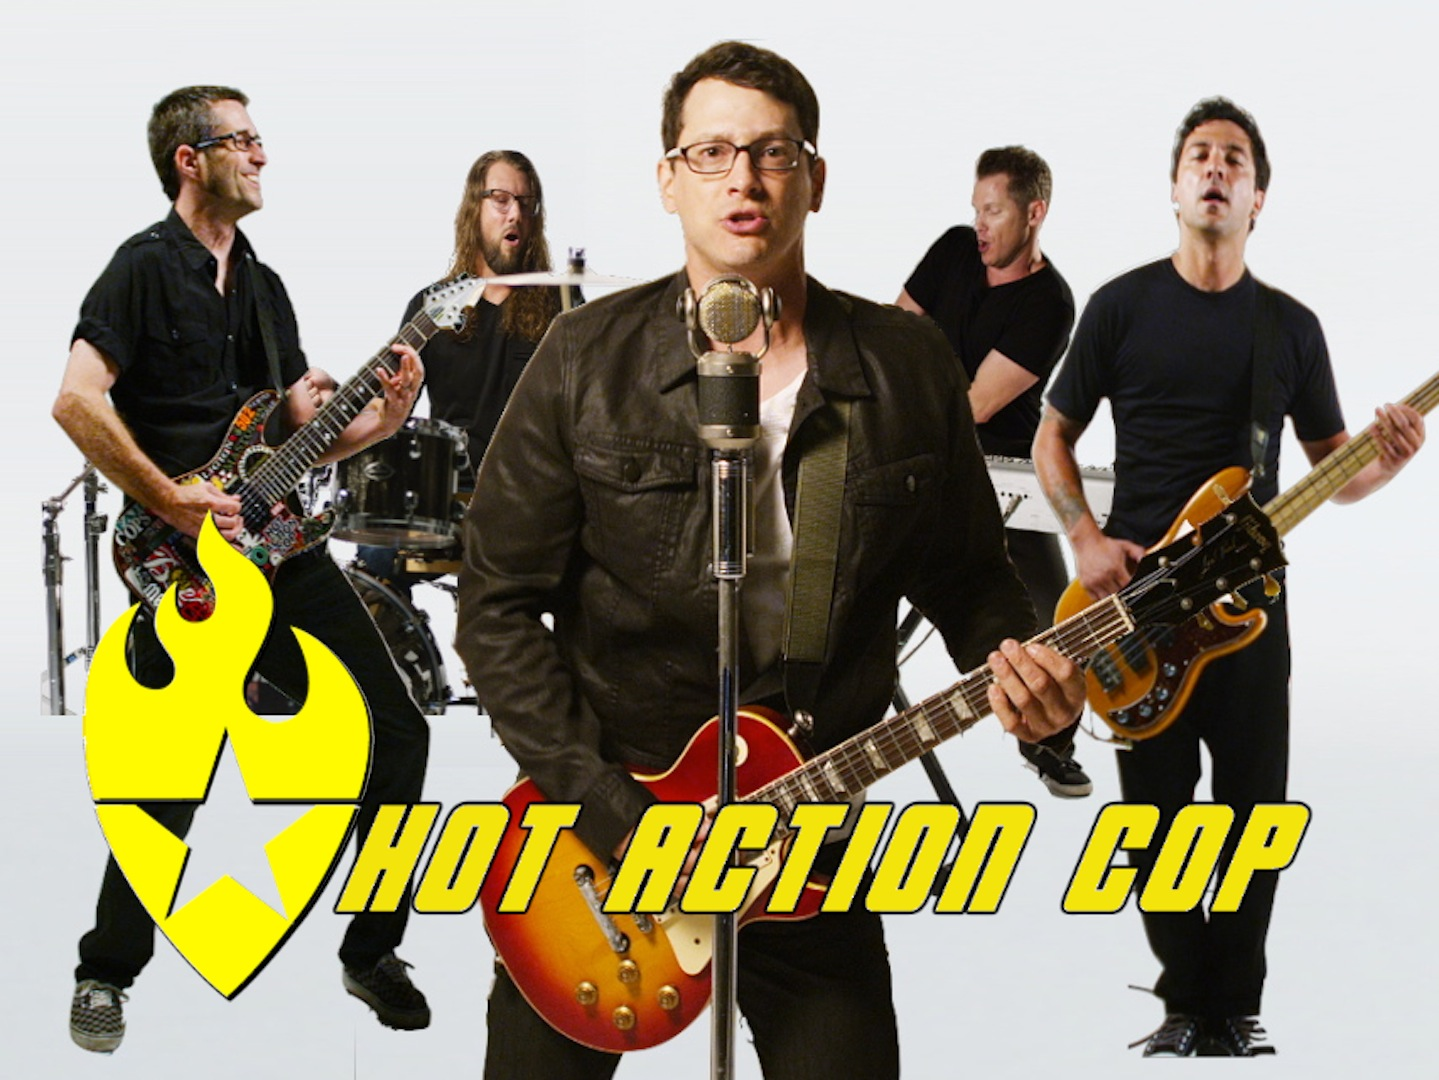 Hot Action Cop PHOTOS 1